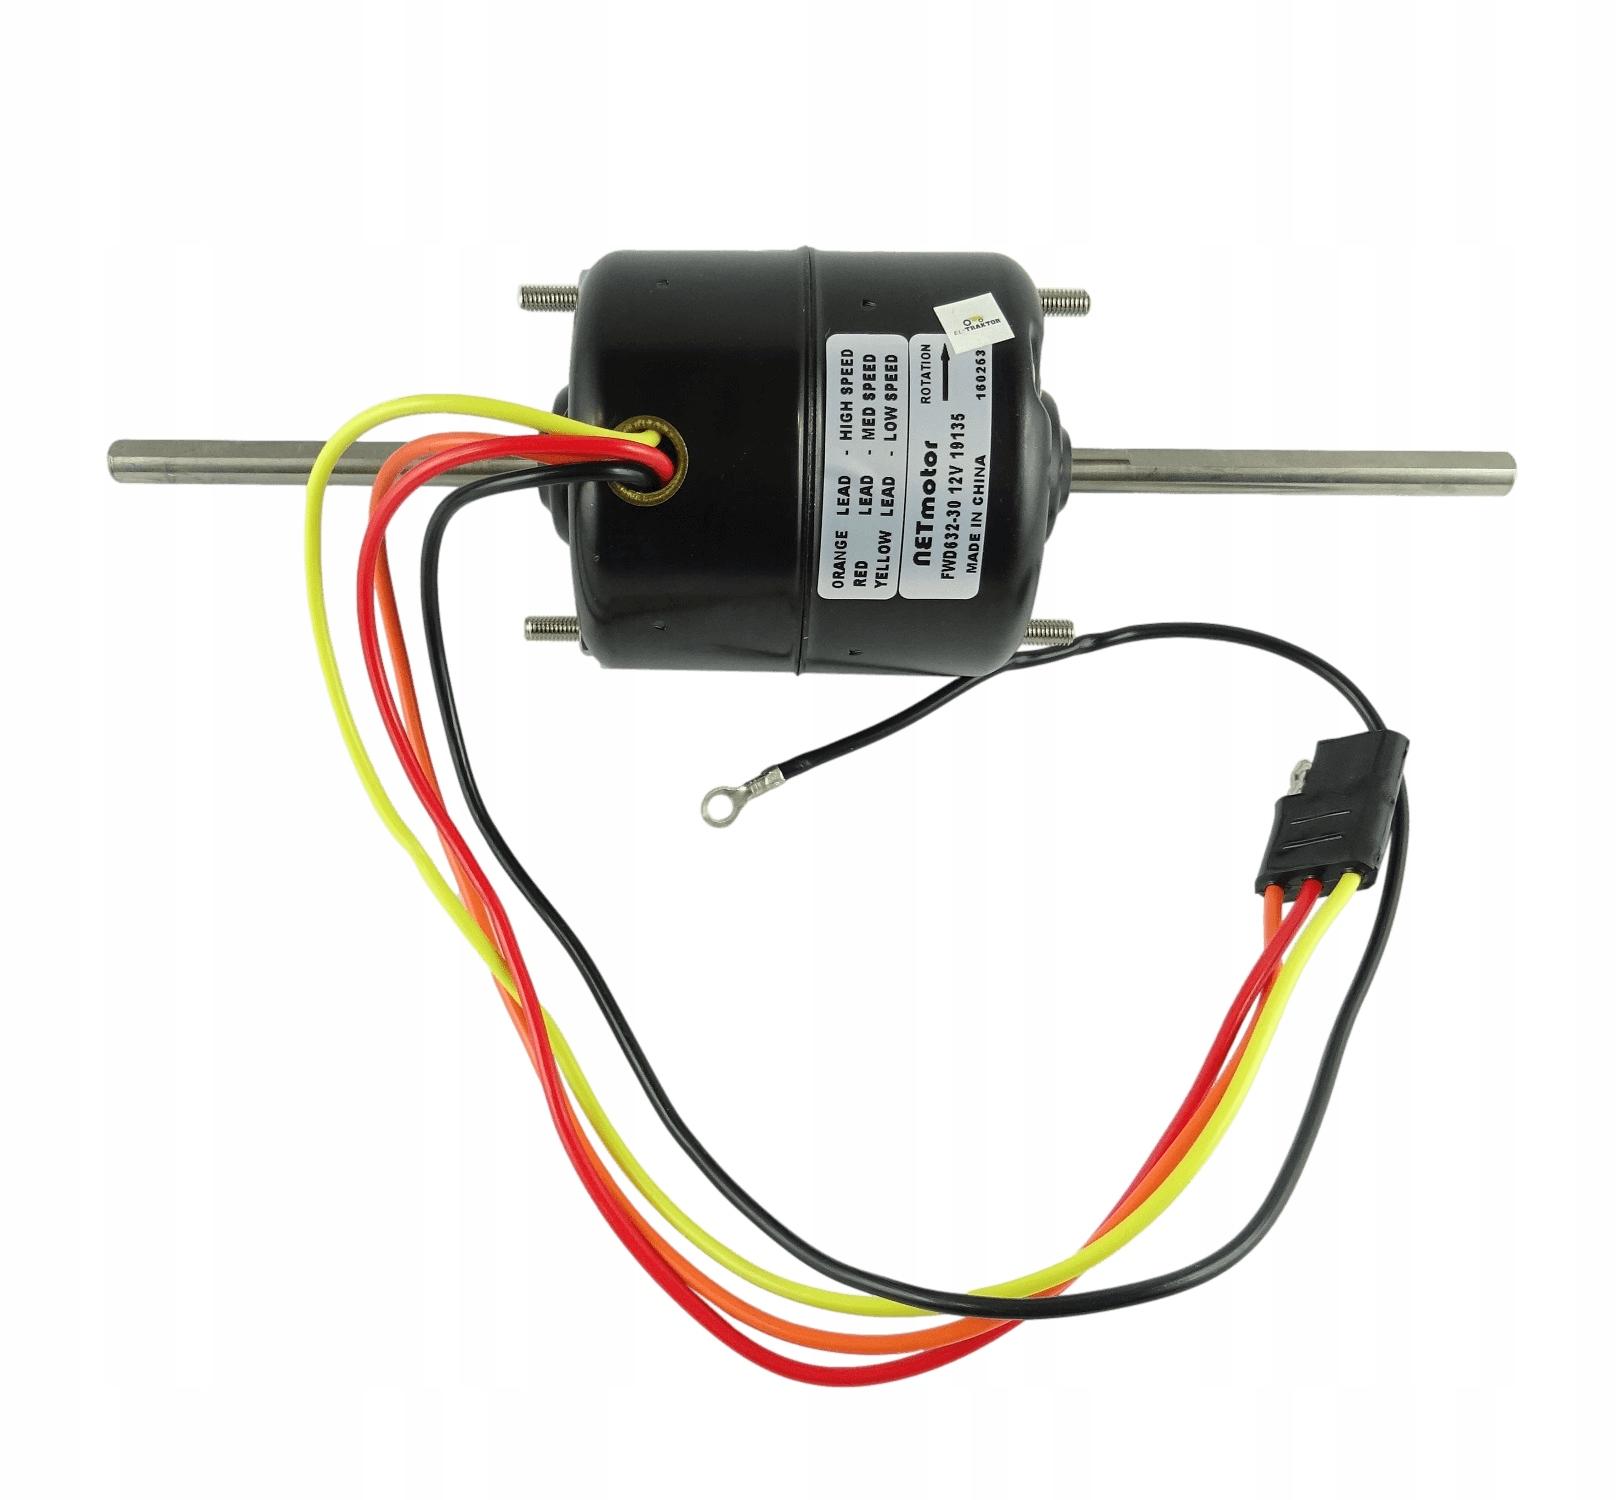 Универсальный двигатель постоянного тока 12 В, например вентилятор